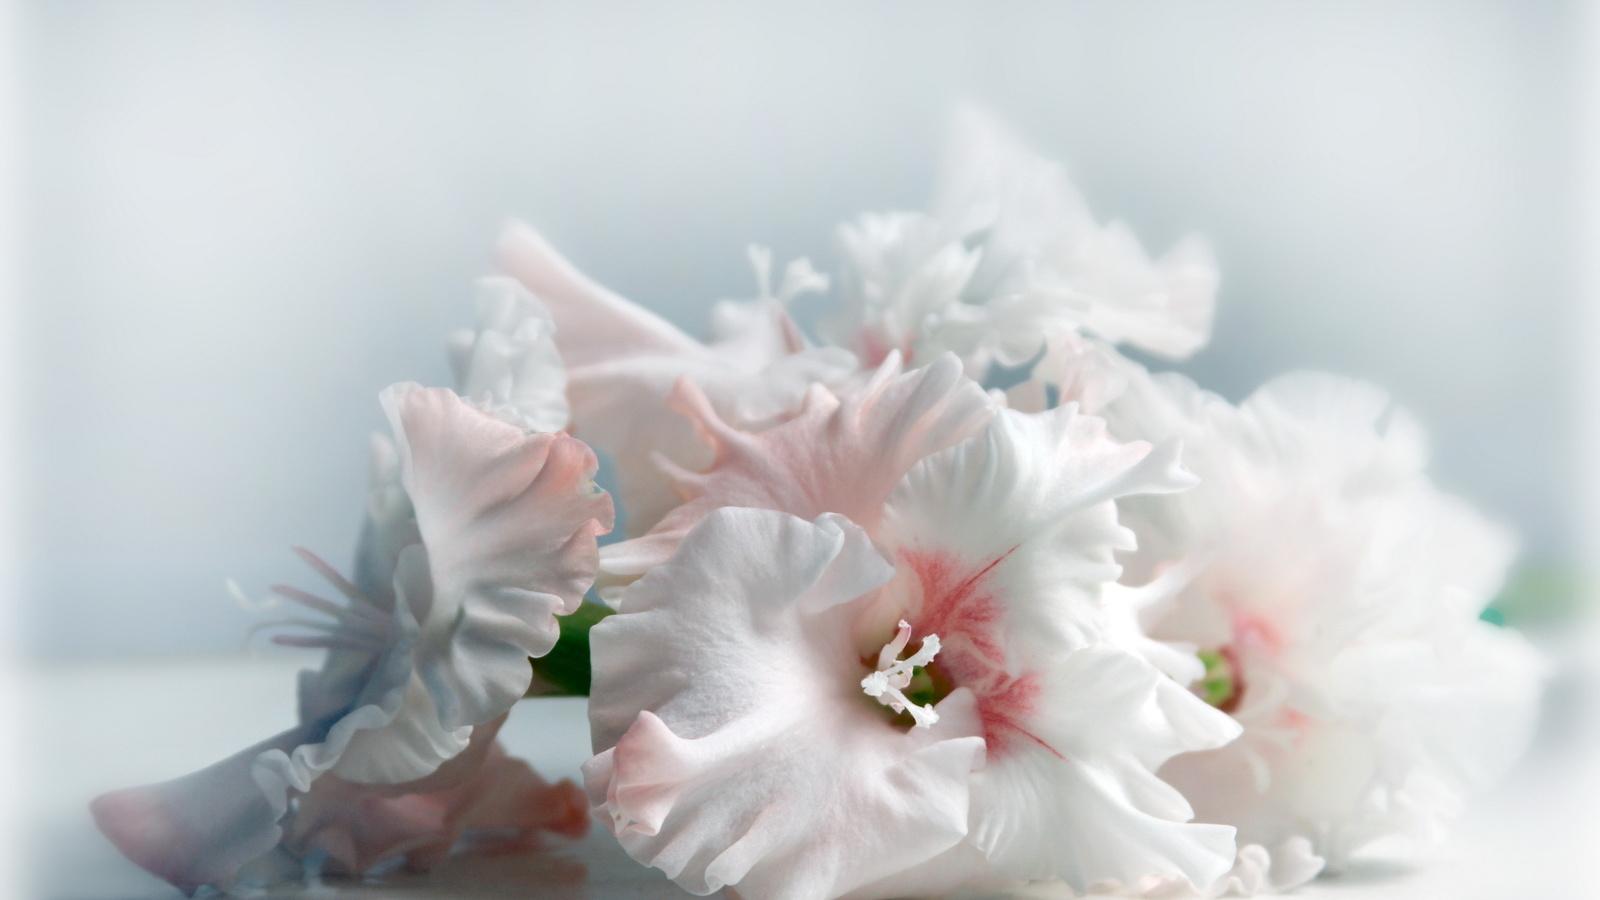 Картинки с надписью нежный цветок